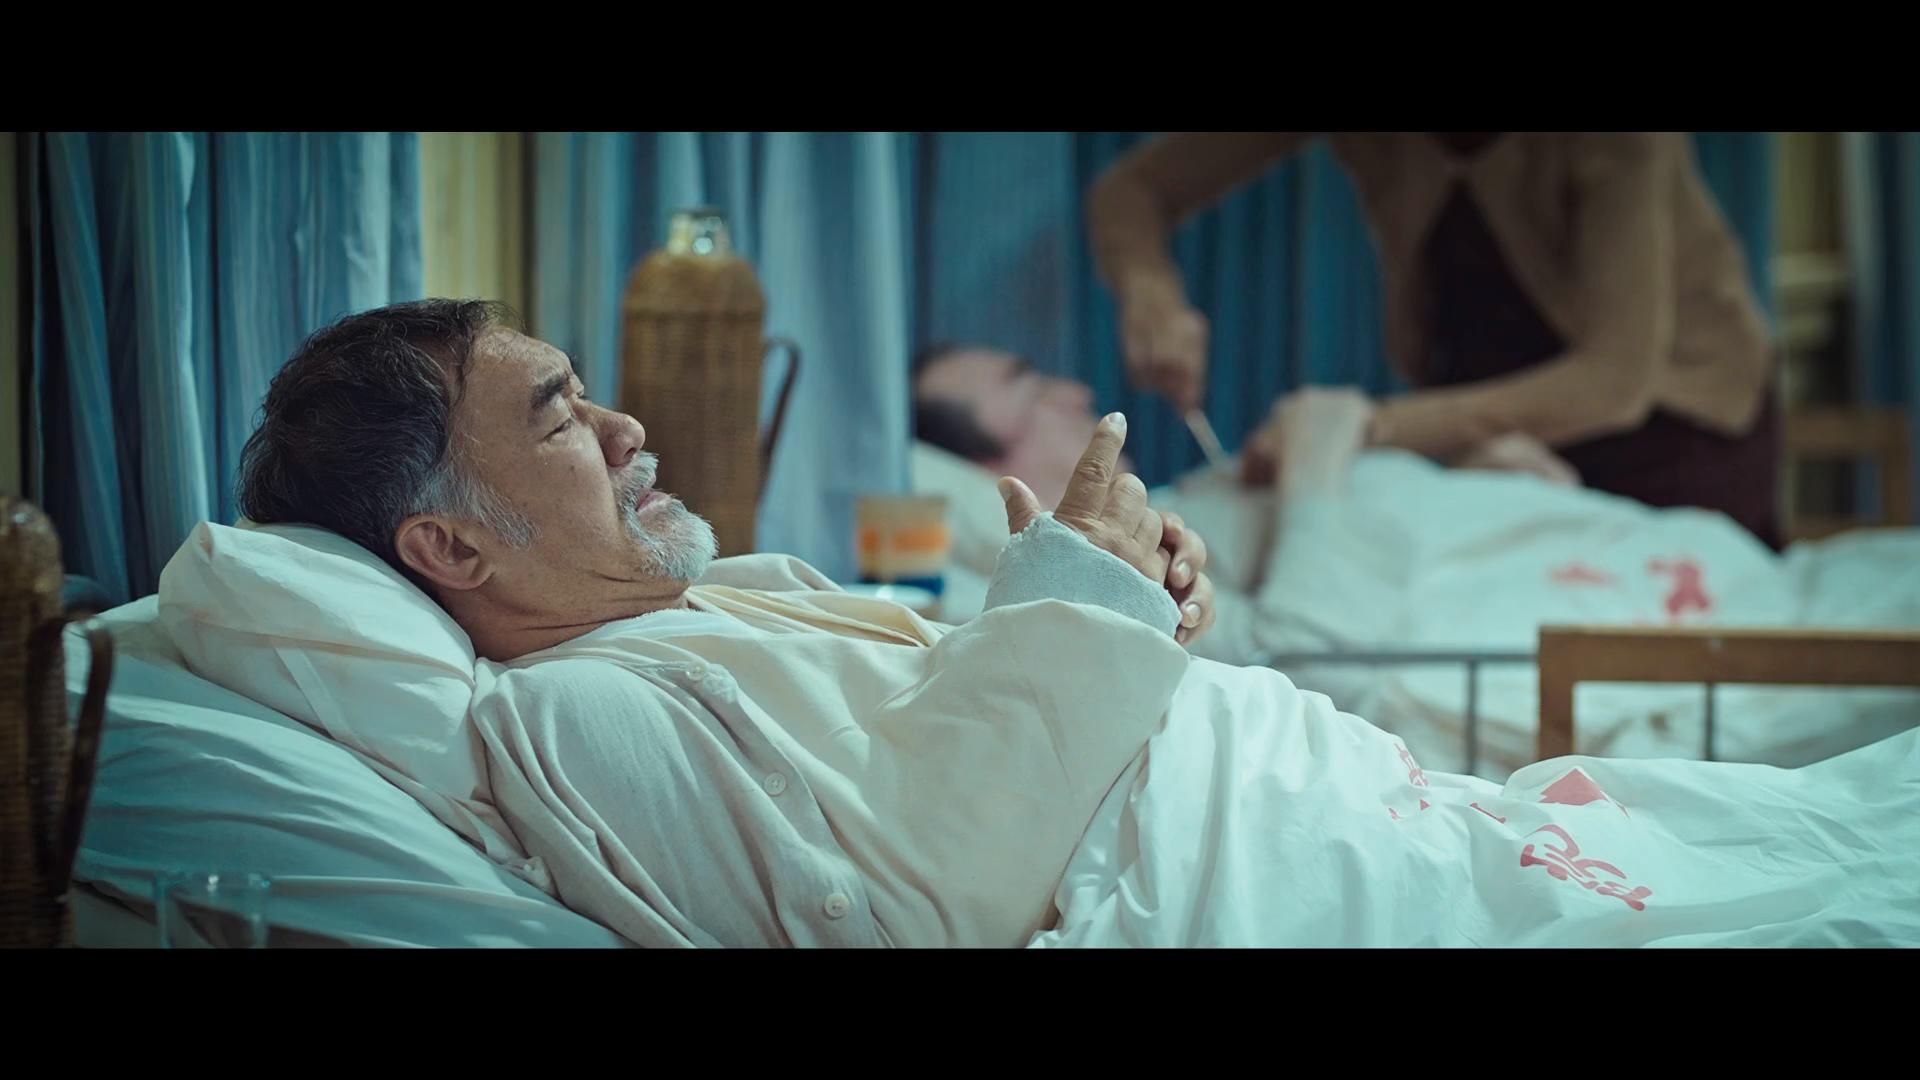 Captura de Ip Man 3 (2015) 1080p x265 HEVC Chino [Subtitulado Español]